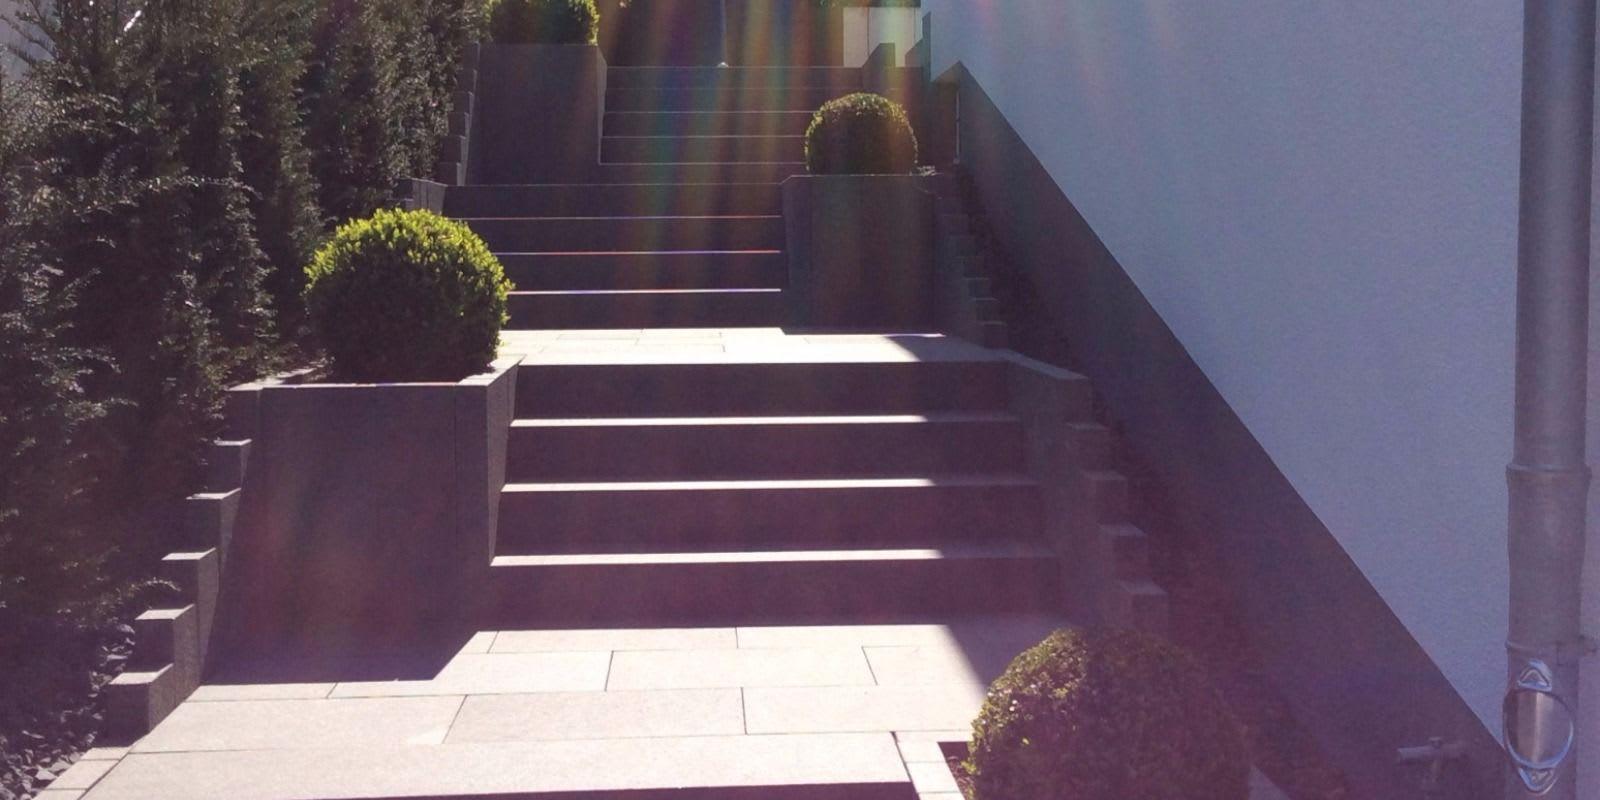 Treppenanlage aus Olivin Basalt